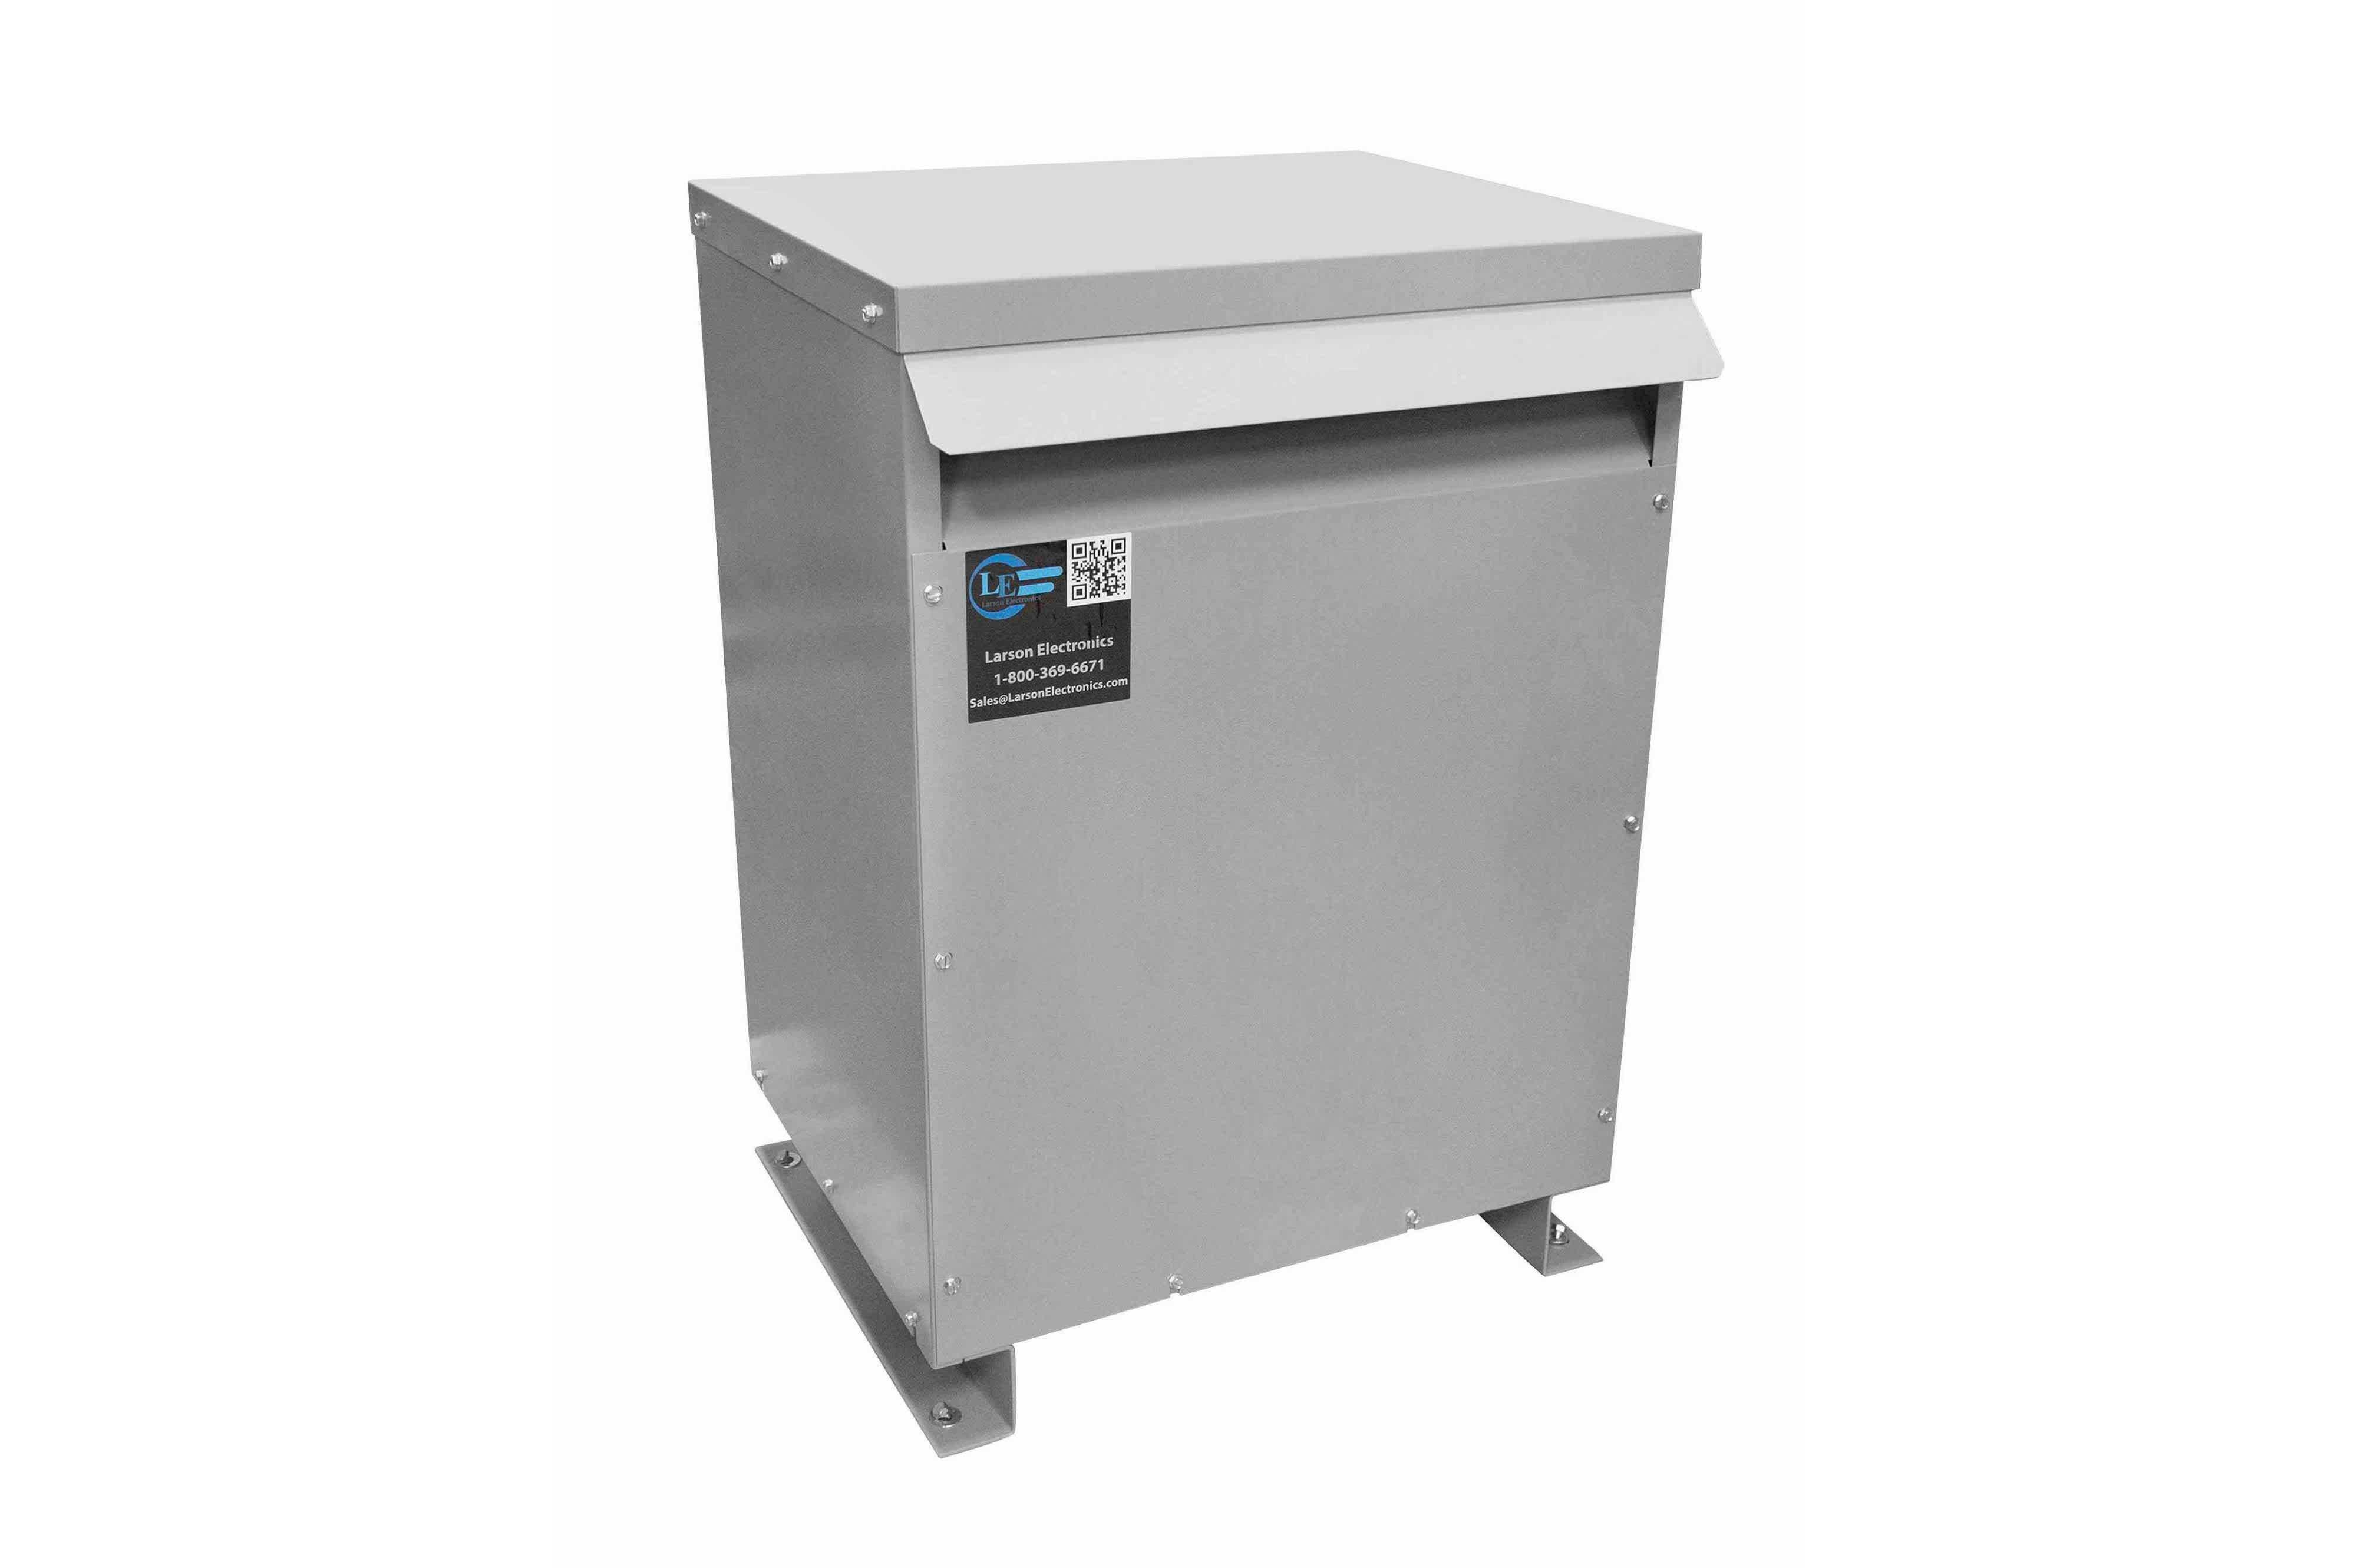 225 kVA 3PH Isolation Transformer, 575V Delta Primary, 208V Delta Secondary, N3R, Ventilated, 60 Hz